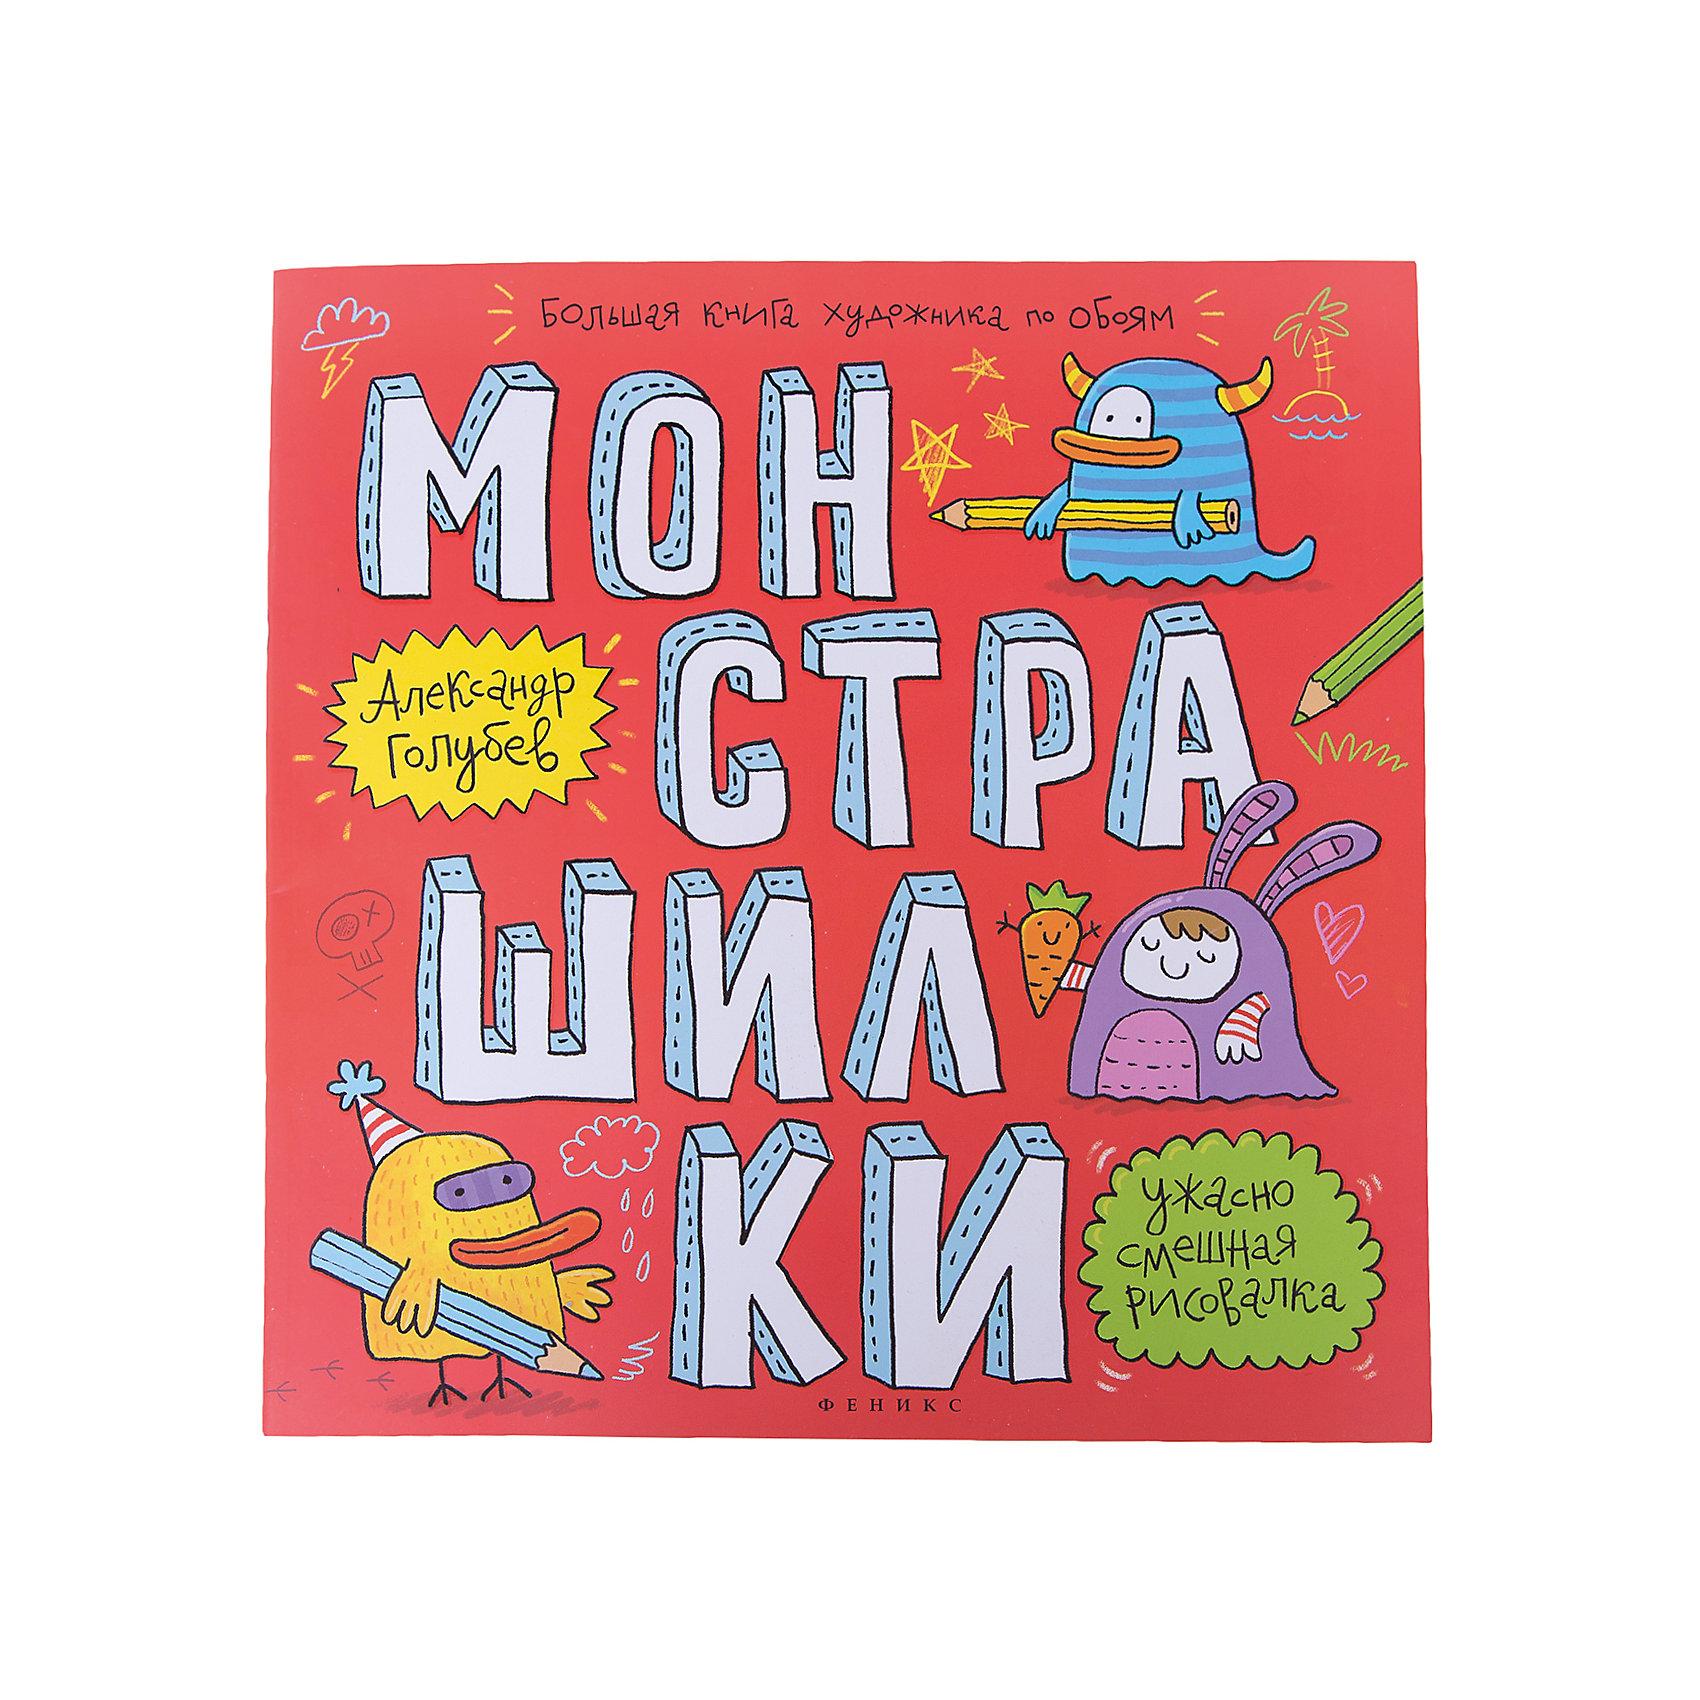 Монстрашилки: большая книга художника по обоямНеобычная забавная раскраска Монстрашилки: большая книга художника по обоям непременно понравится Вашему ребенку. Кто зажигает на небе звёзды? Кто выпьет больше чашек чаю? И кто постоянно ворует печеньки? Скорее бери цветные карандаши и ответь на все эти, а<br>также многие другие вопросы самостоятельно.<br><br>Дополнительная информация:<br><br>- Автор: А. Голубев.<br>- Серия: Большая книга художника.<br>- Обложка: картон.<br>- Иллюстрации: цветные.<br>- Объем: 16 стр.<br>- Размер: 30 x 0,2 x 29,5 см.<br>- Вес: 132 гр.<br><br>Книгу Монстрашилки: большая книга художника по обоям, Феникс-Премьер, можно купить в нашем интернет-магазине.<br><br>Ширина мм: 300<br>Глубина мм: 295<br>Высота мм: 2<br>Вес г: 532<br>Возраст от месяцев: 24<br>Возраст до месяцев: 60<br>Пол: Унисекс<br>Возраст: Детский<br>SKU: 4771388